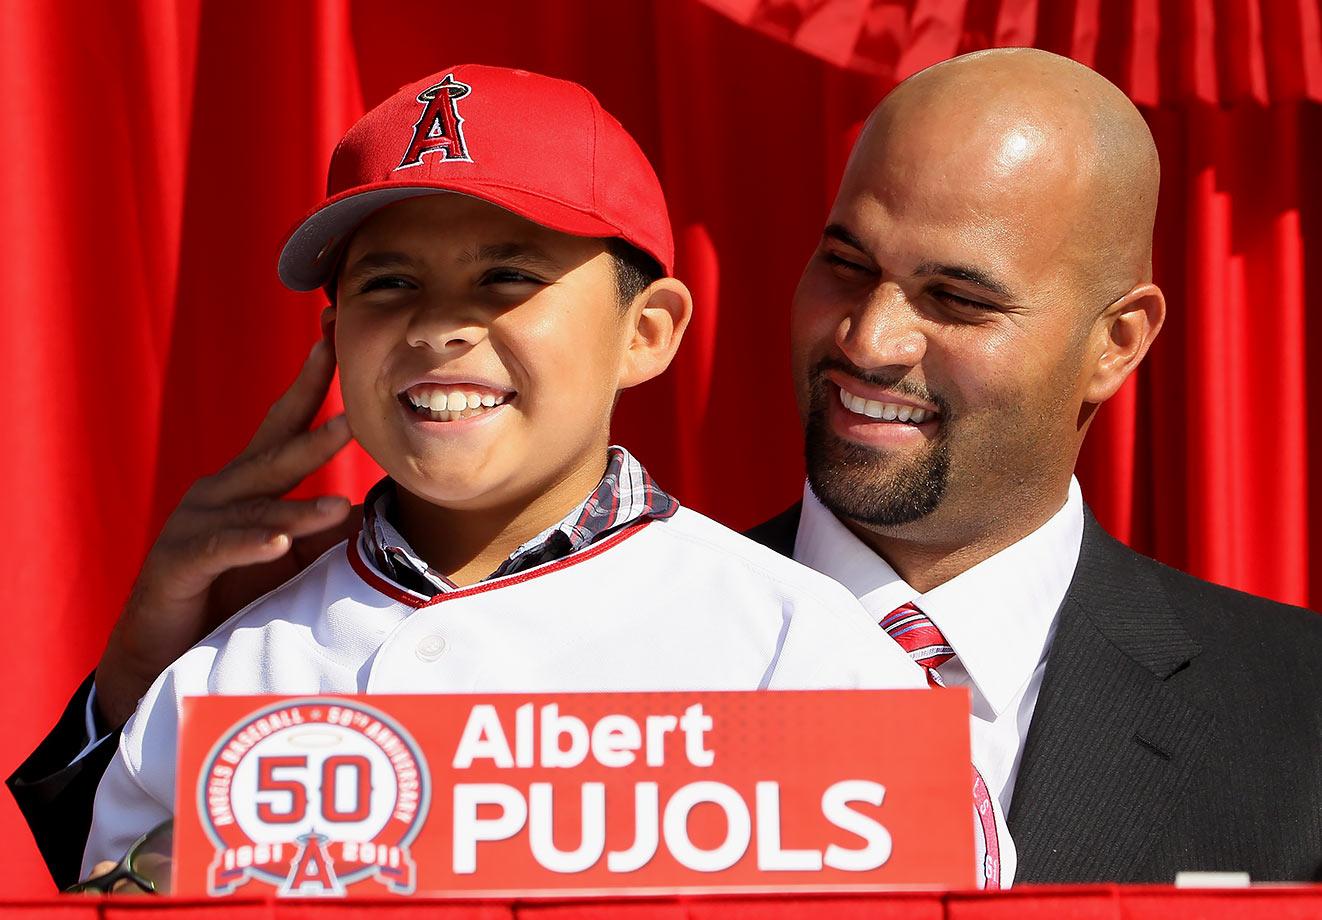 Albert Pujols and son Albert Jr.